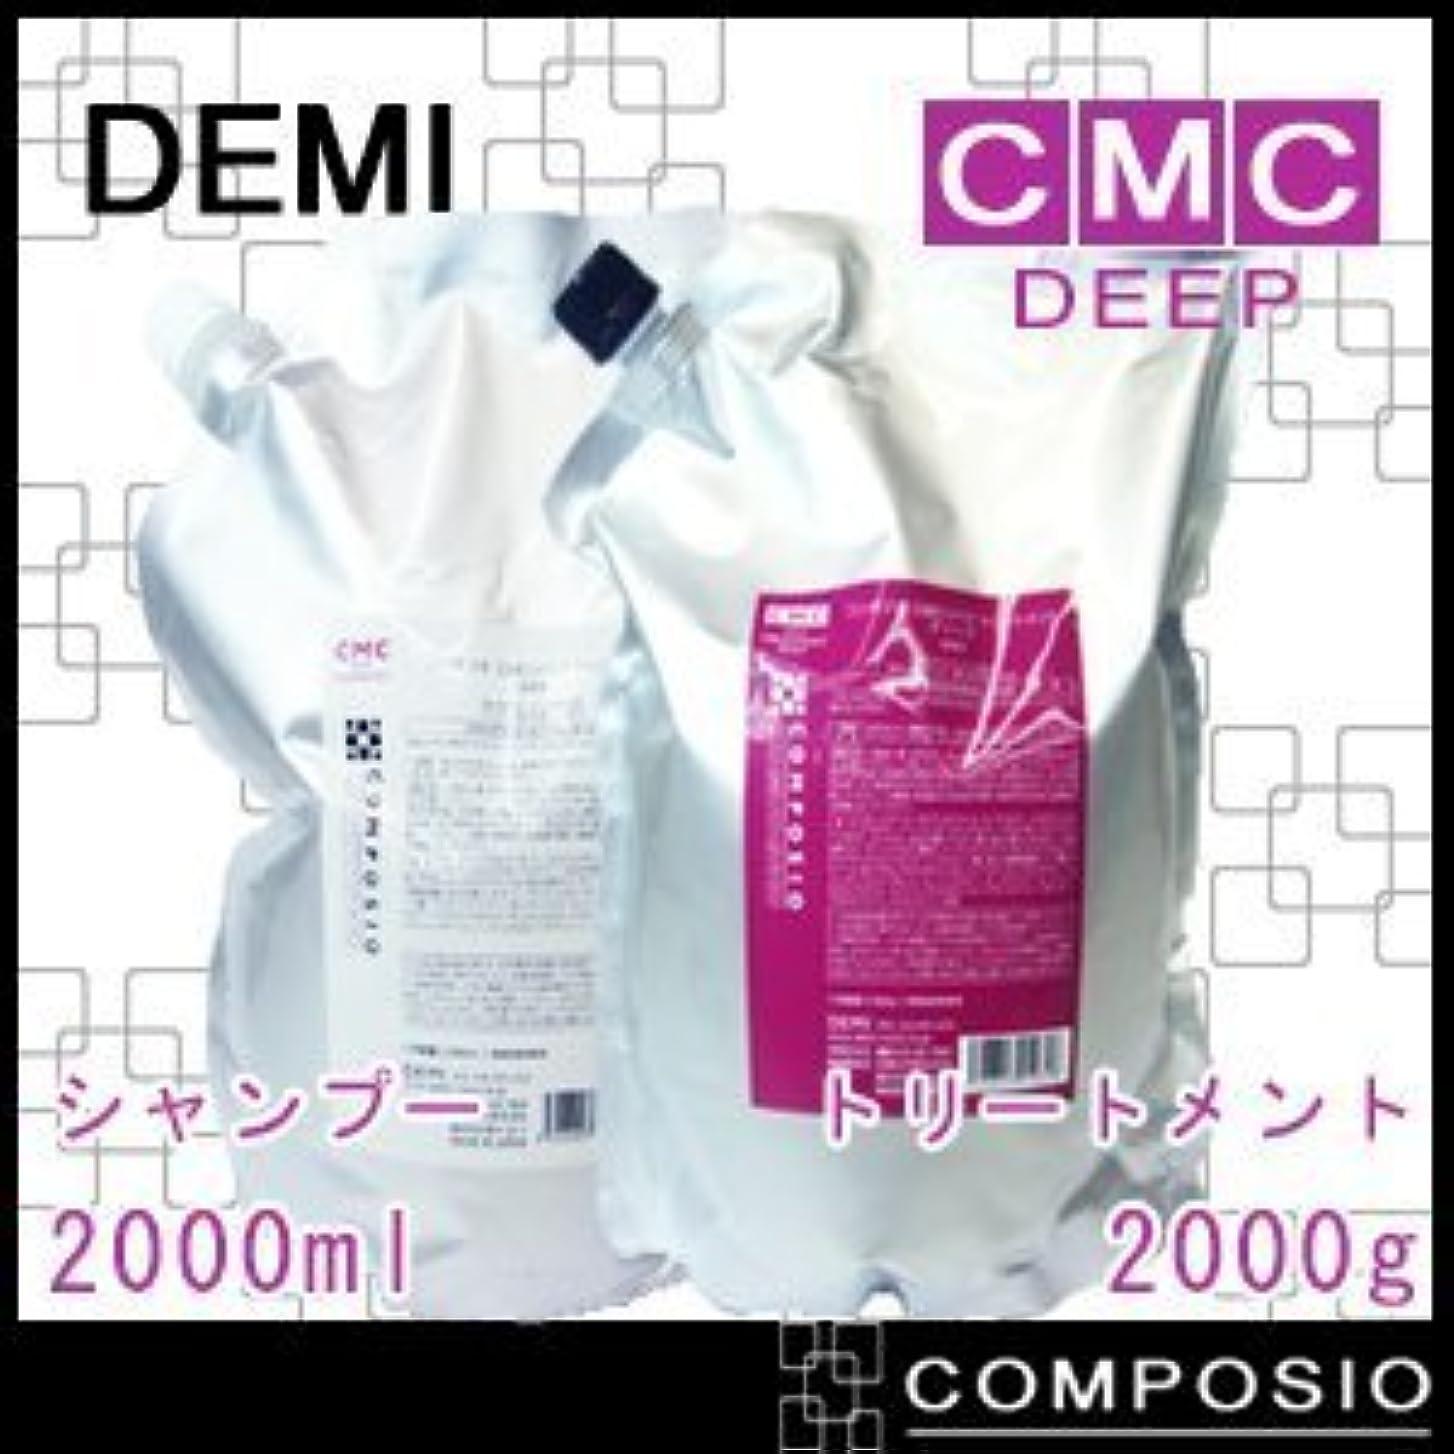 デミ コンポジオ CMCリペアシャンプー&トリートメント ディープ 詰替 2000ml,2000g